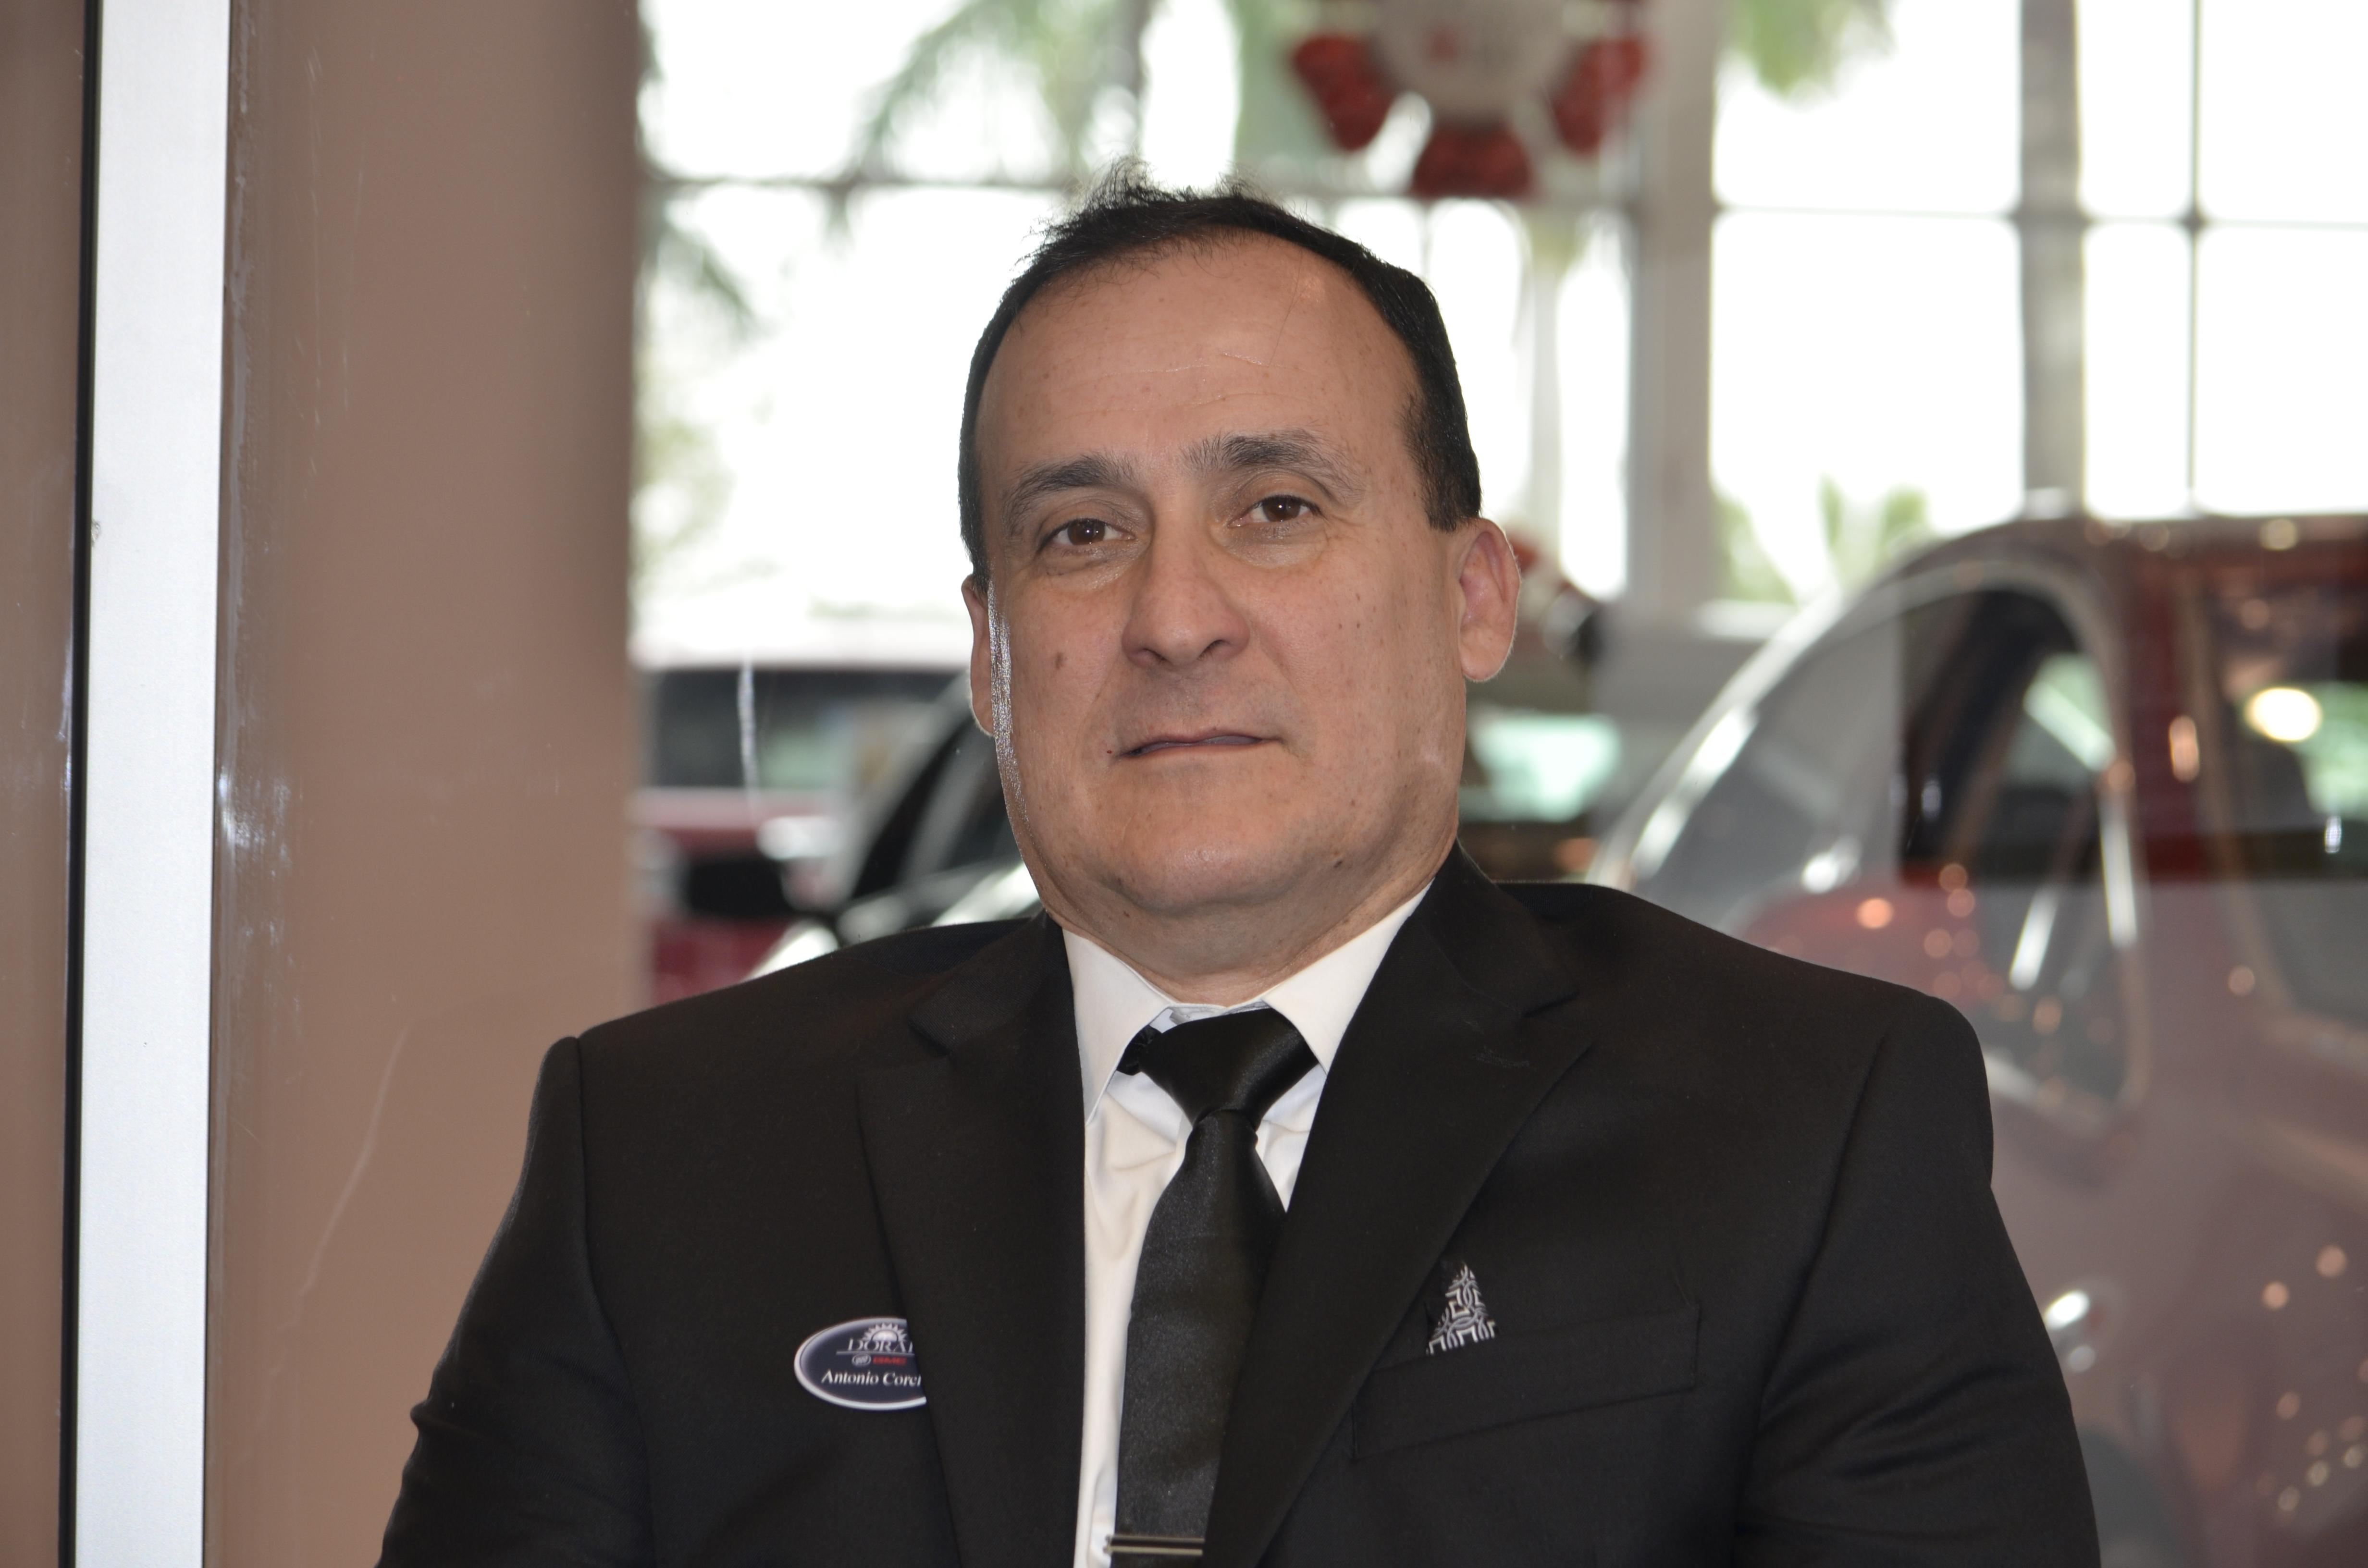 Antonio Corcho Orozco